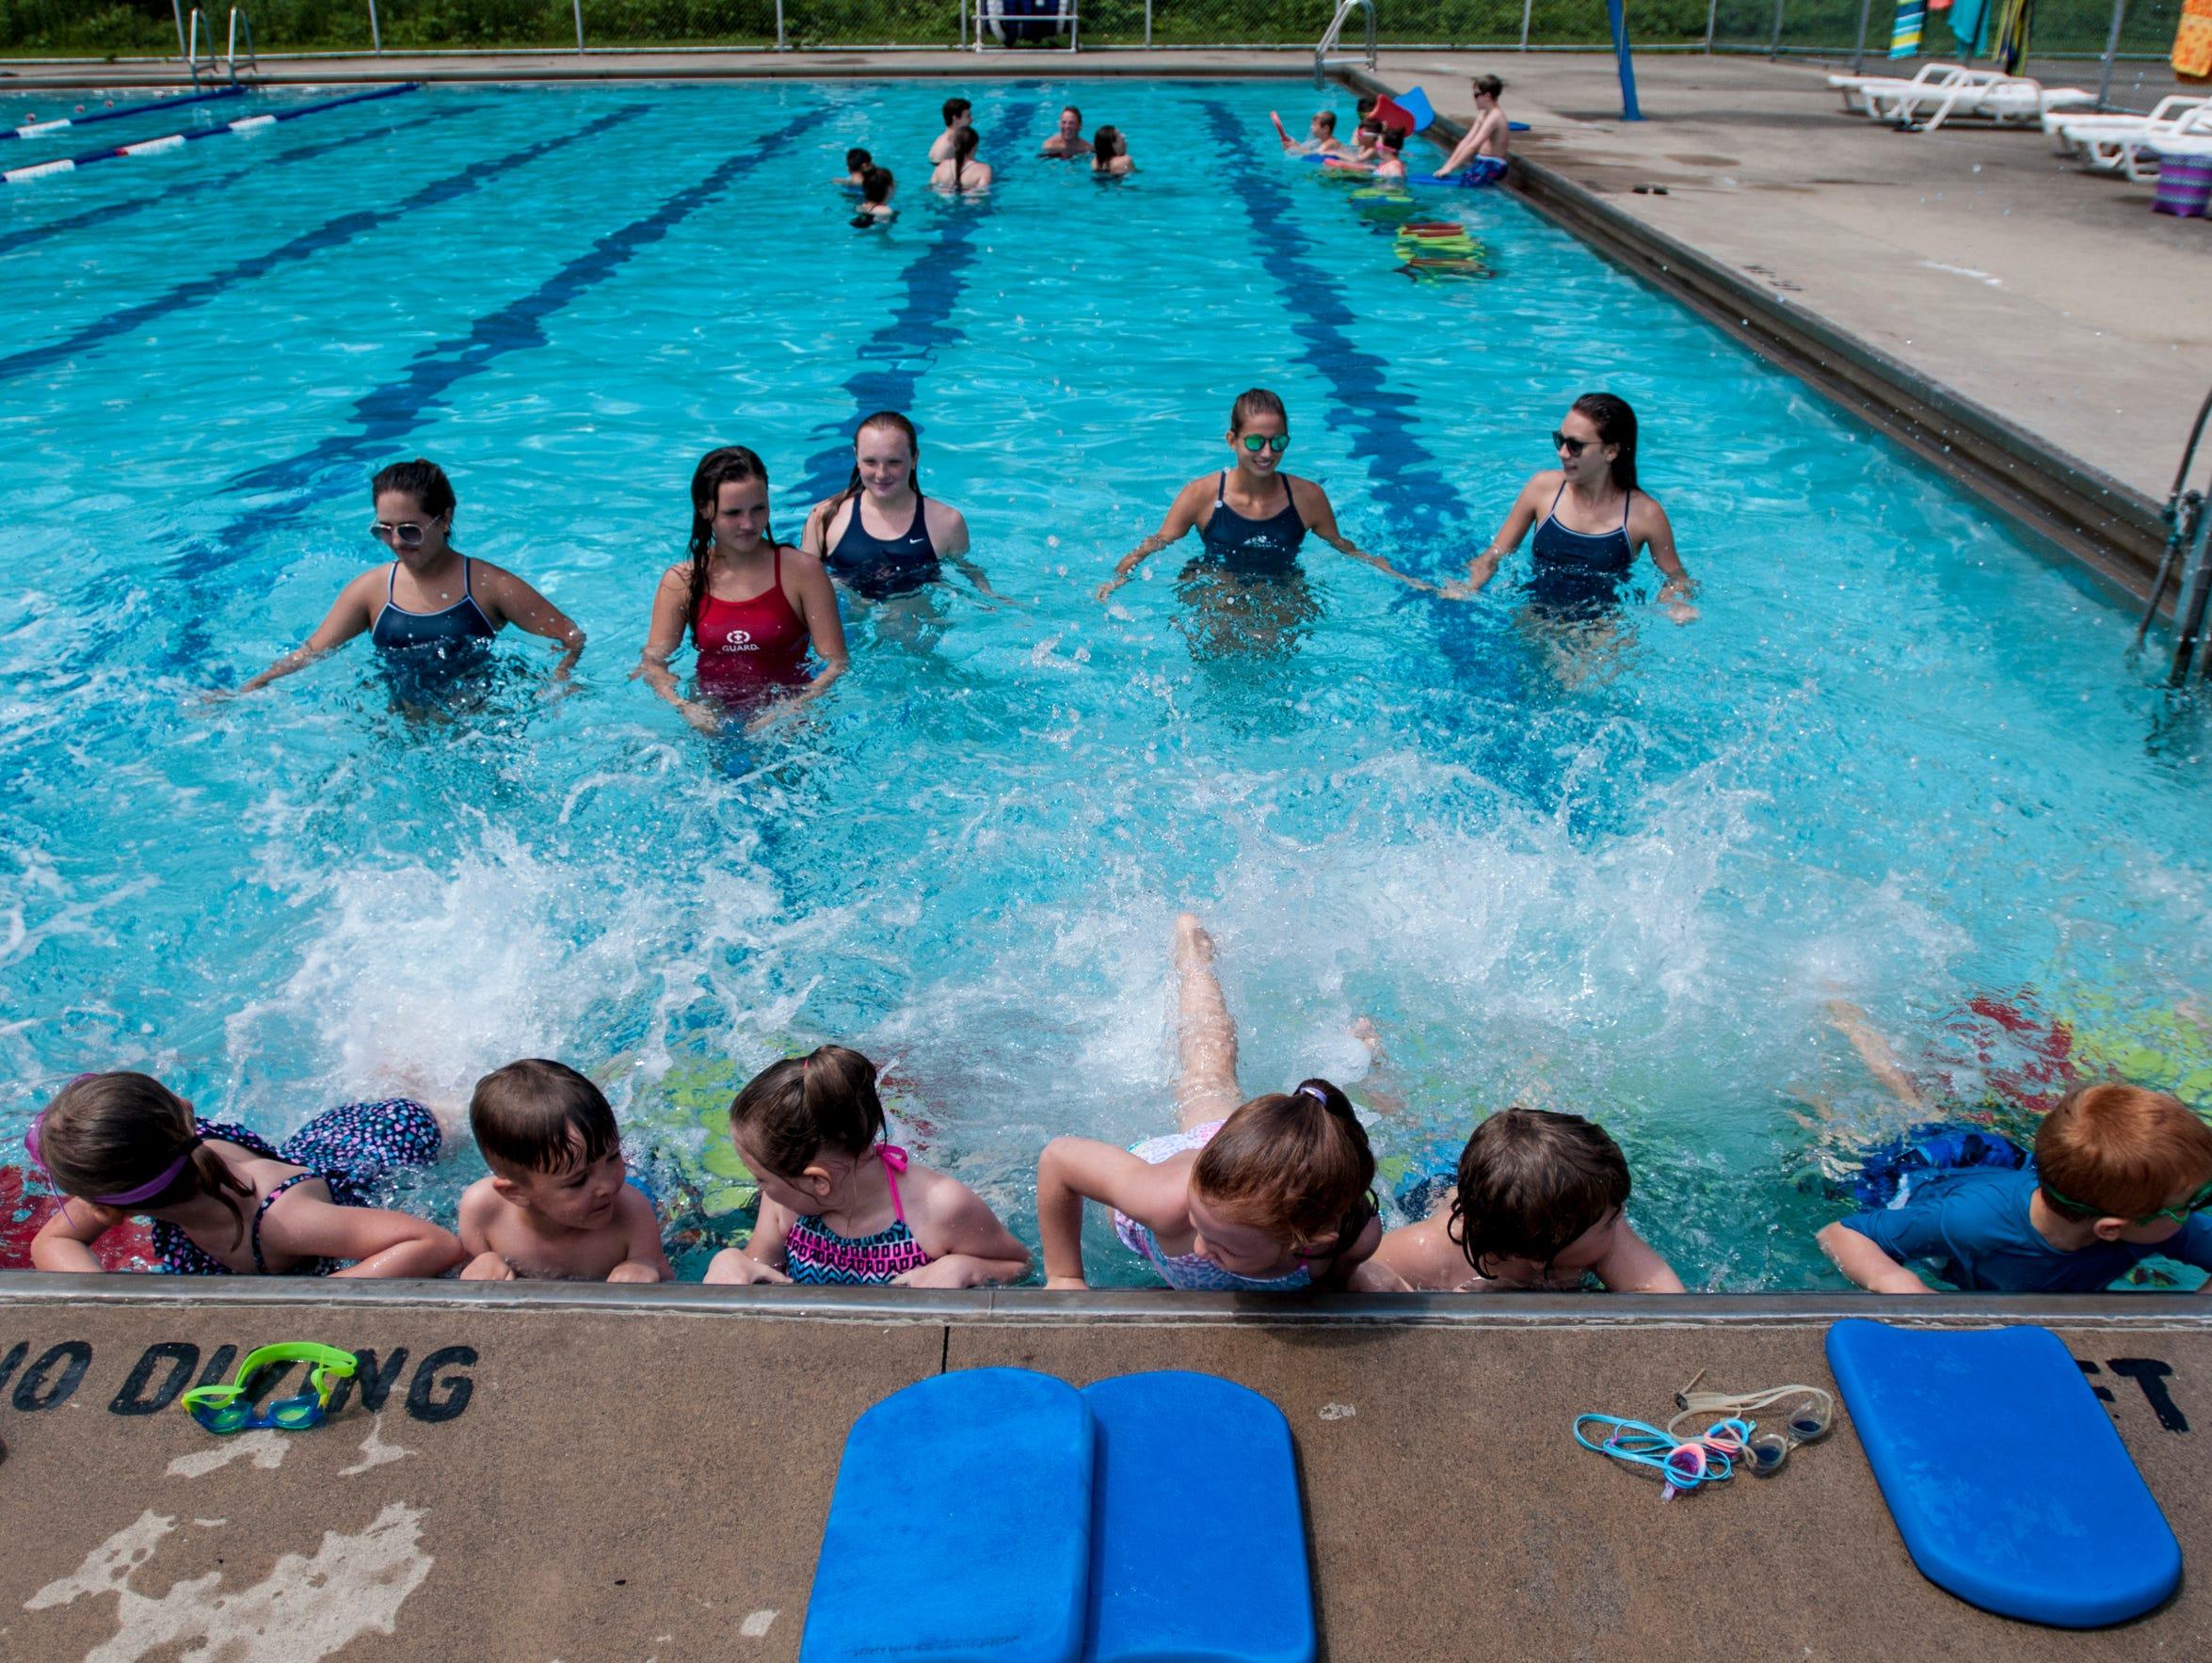 More than a dozen children participate in swim lessons